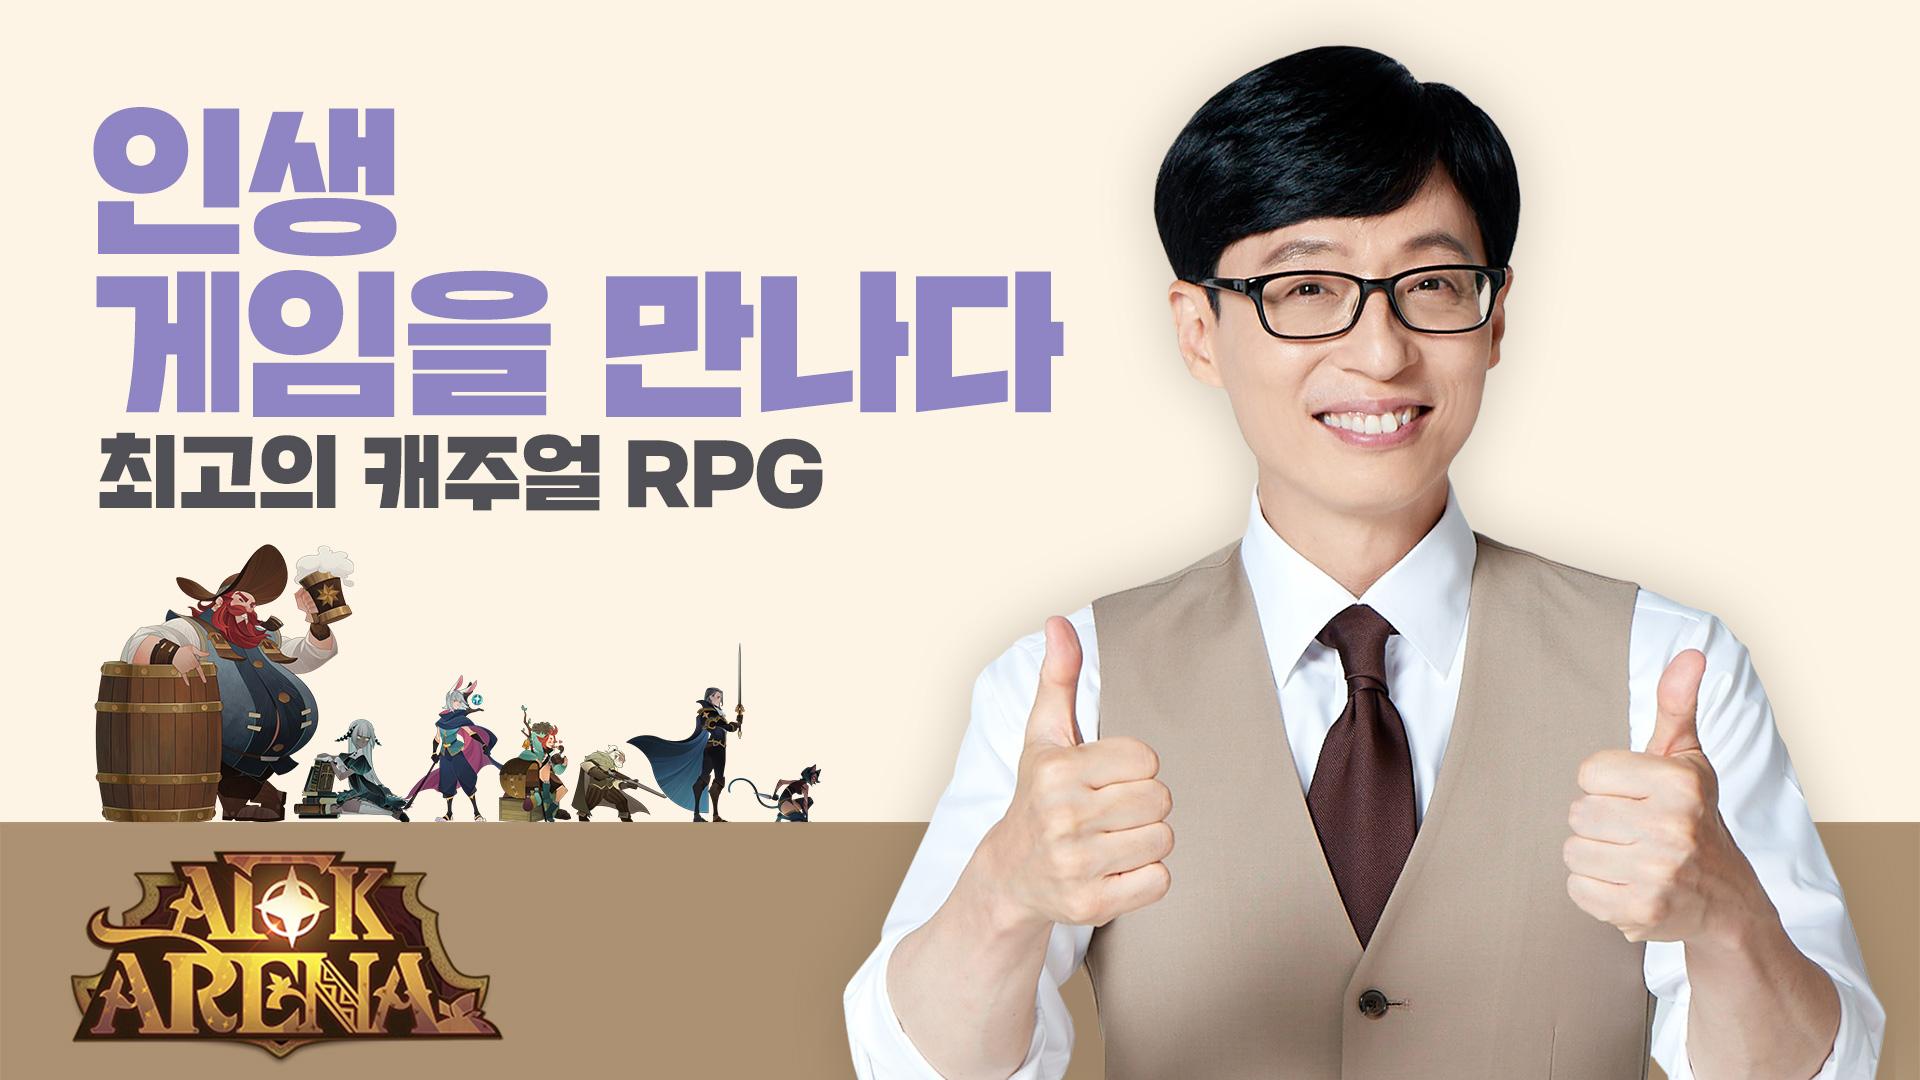 모바일 RPG 《afk 아레나》 홍보모델로 예능인 유재석 발탁!!